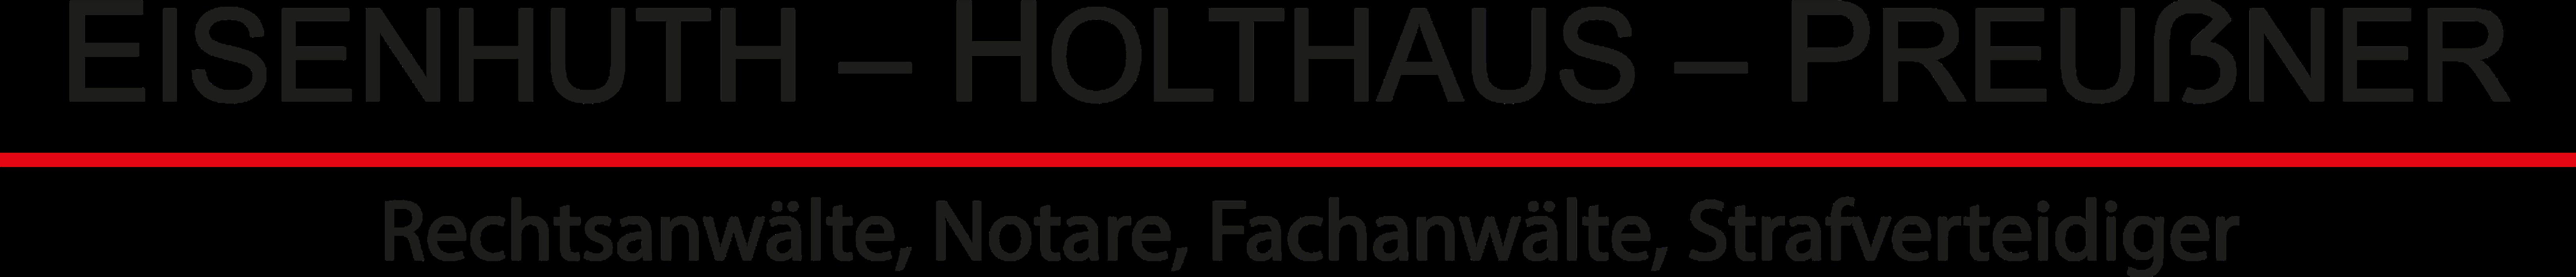 Bild zu Eisenhuth, Holthaus, Preußner Rechtsanwälte & Notare in Lüdenscheid